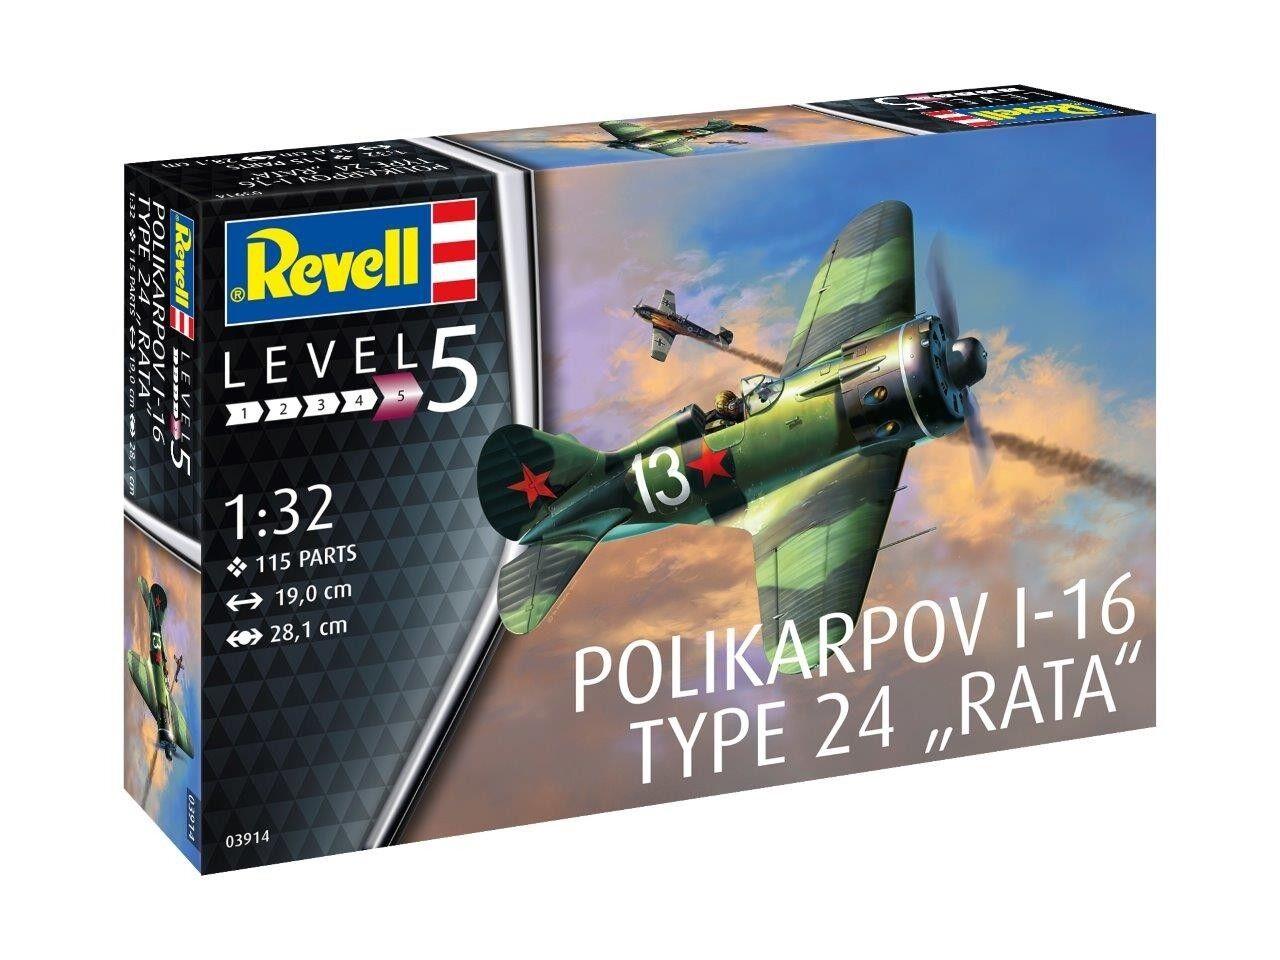 Revell 1 32 Polikarpov I-16 Type 24 ''Rata''